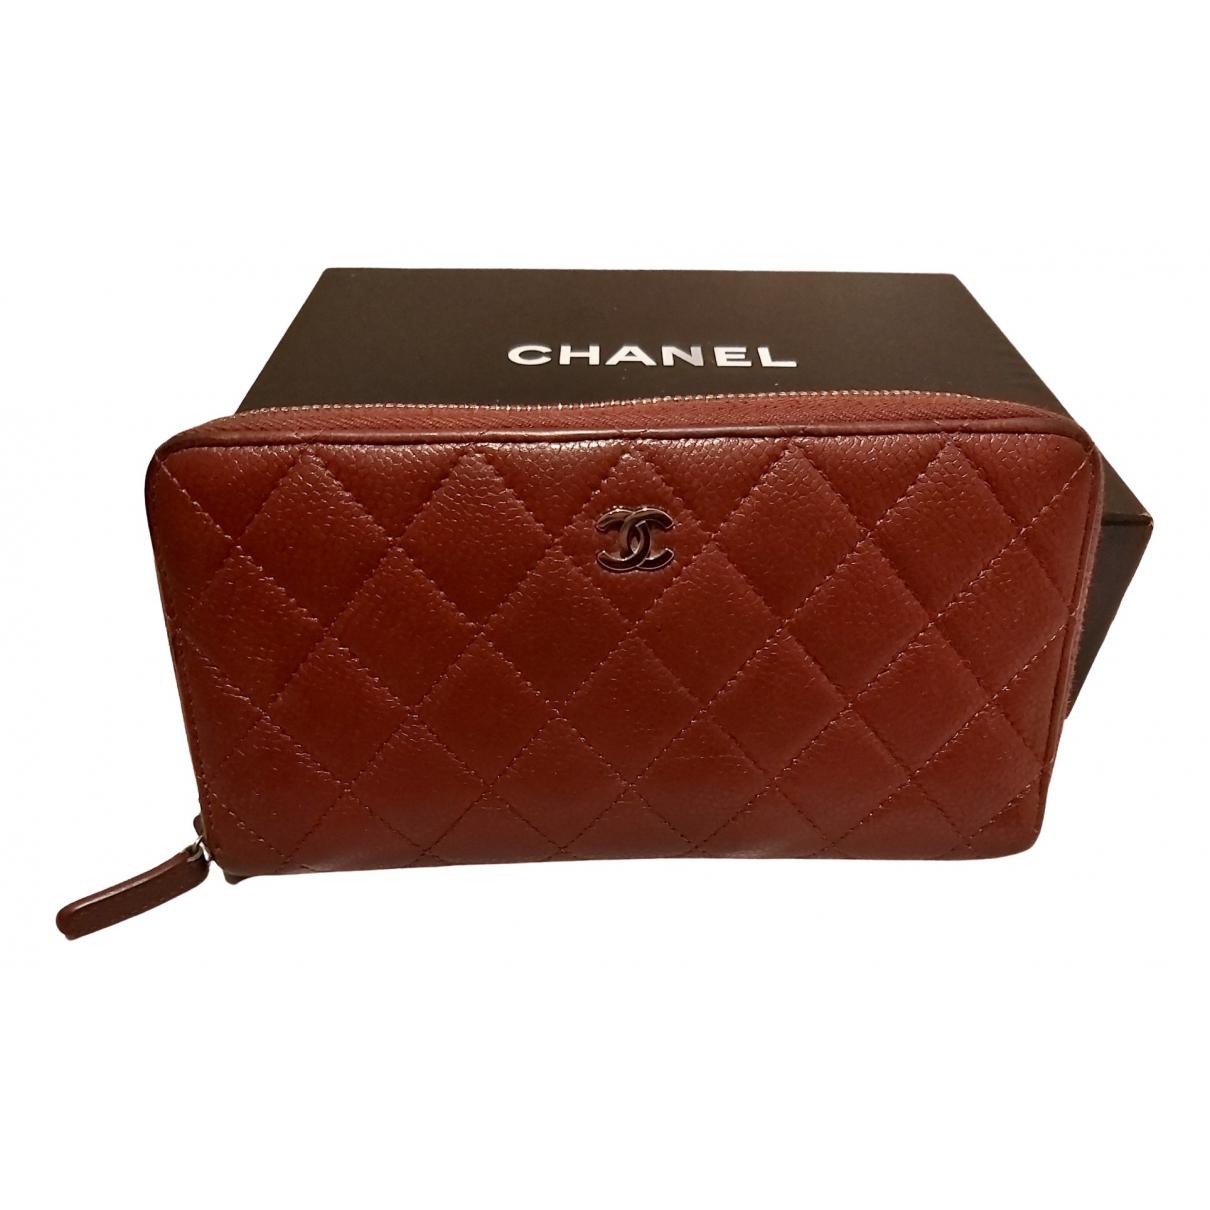 Chanel - Portefeuille Timeless/Classique pour femme en cuir - bordeaux